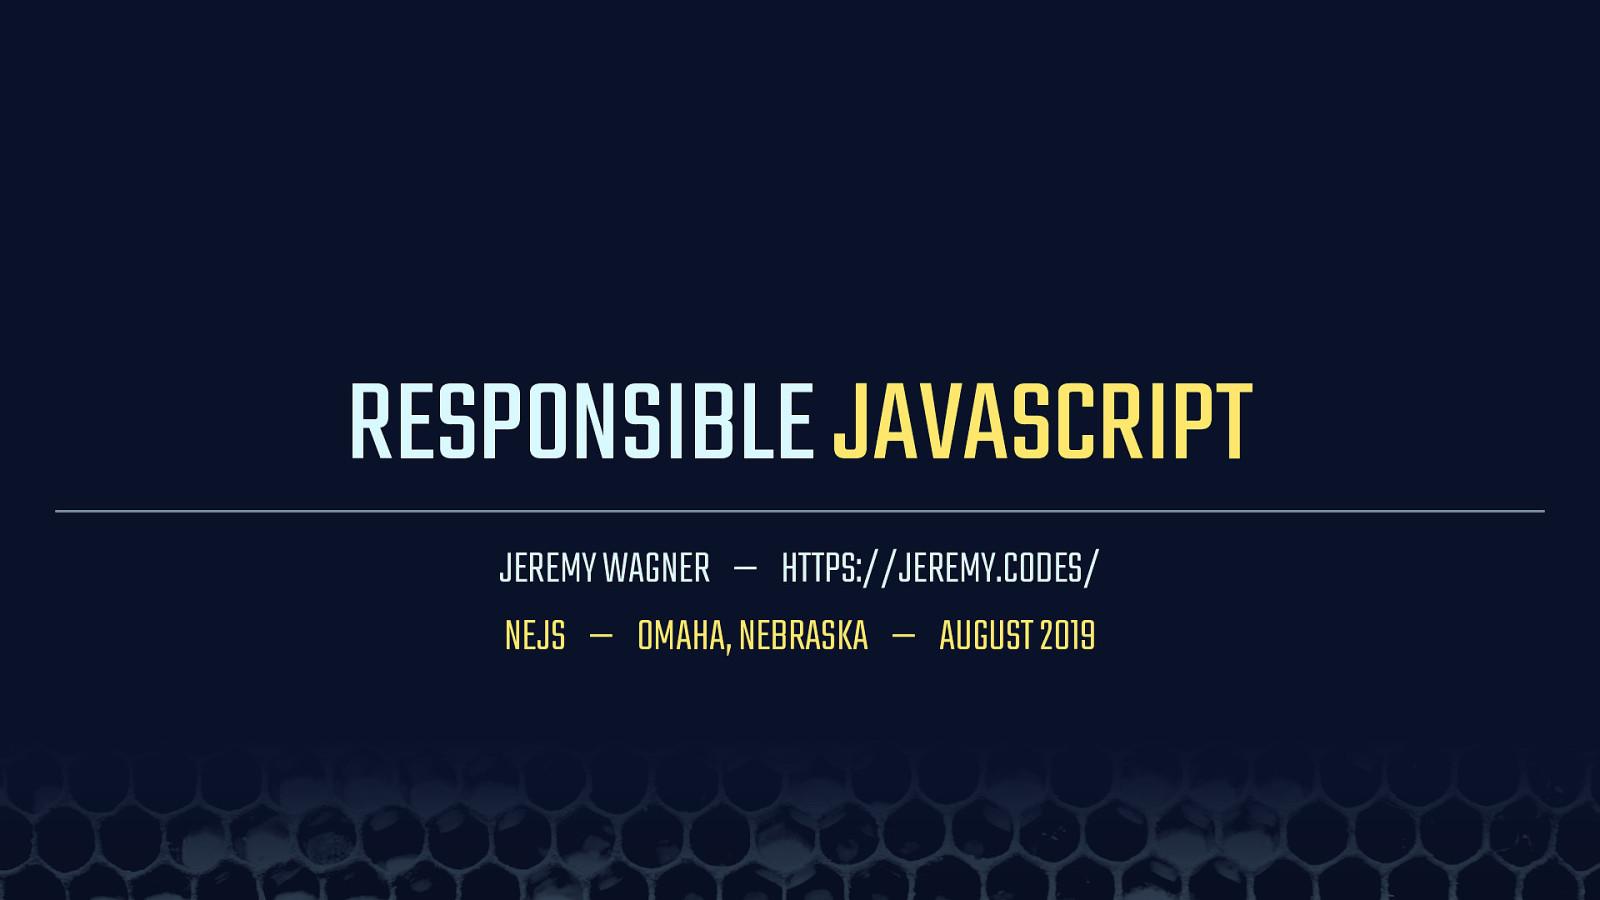 Responsible JavaScript